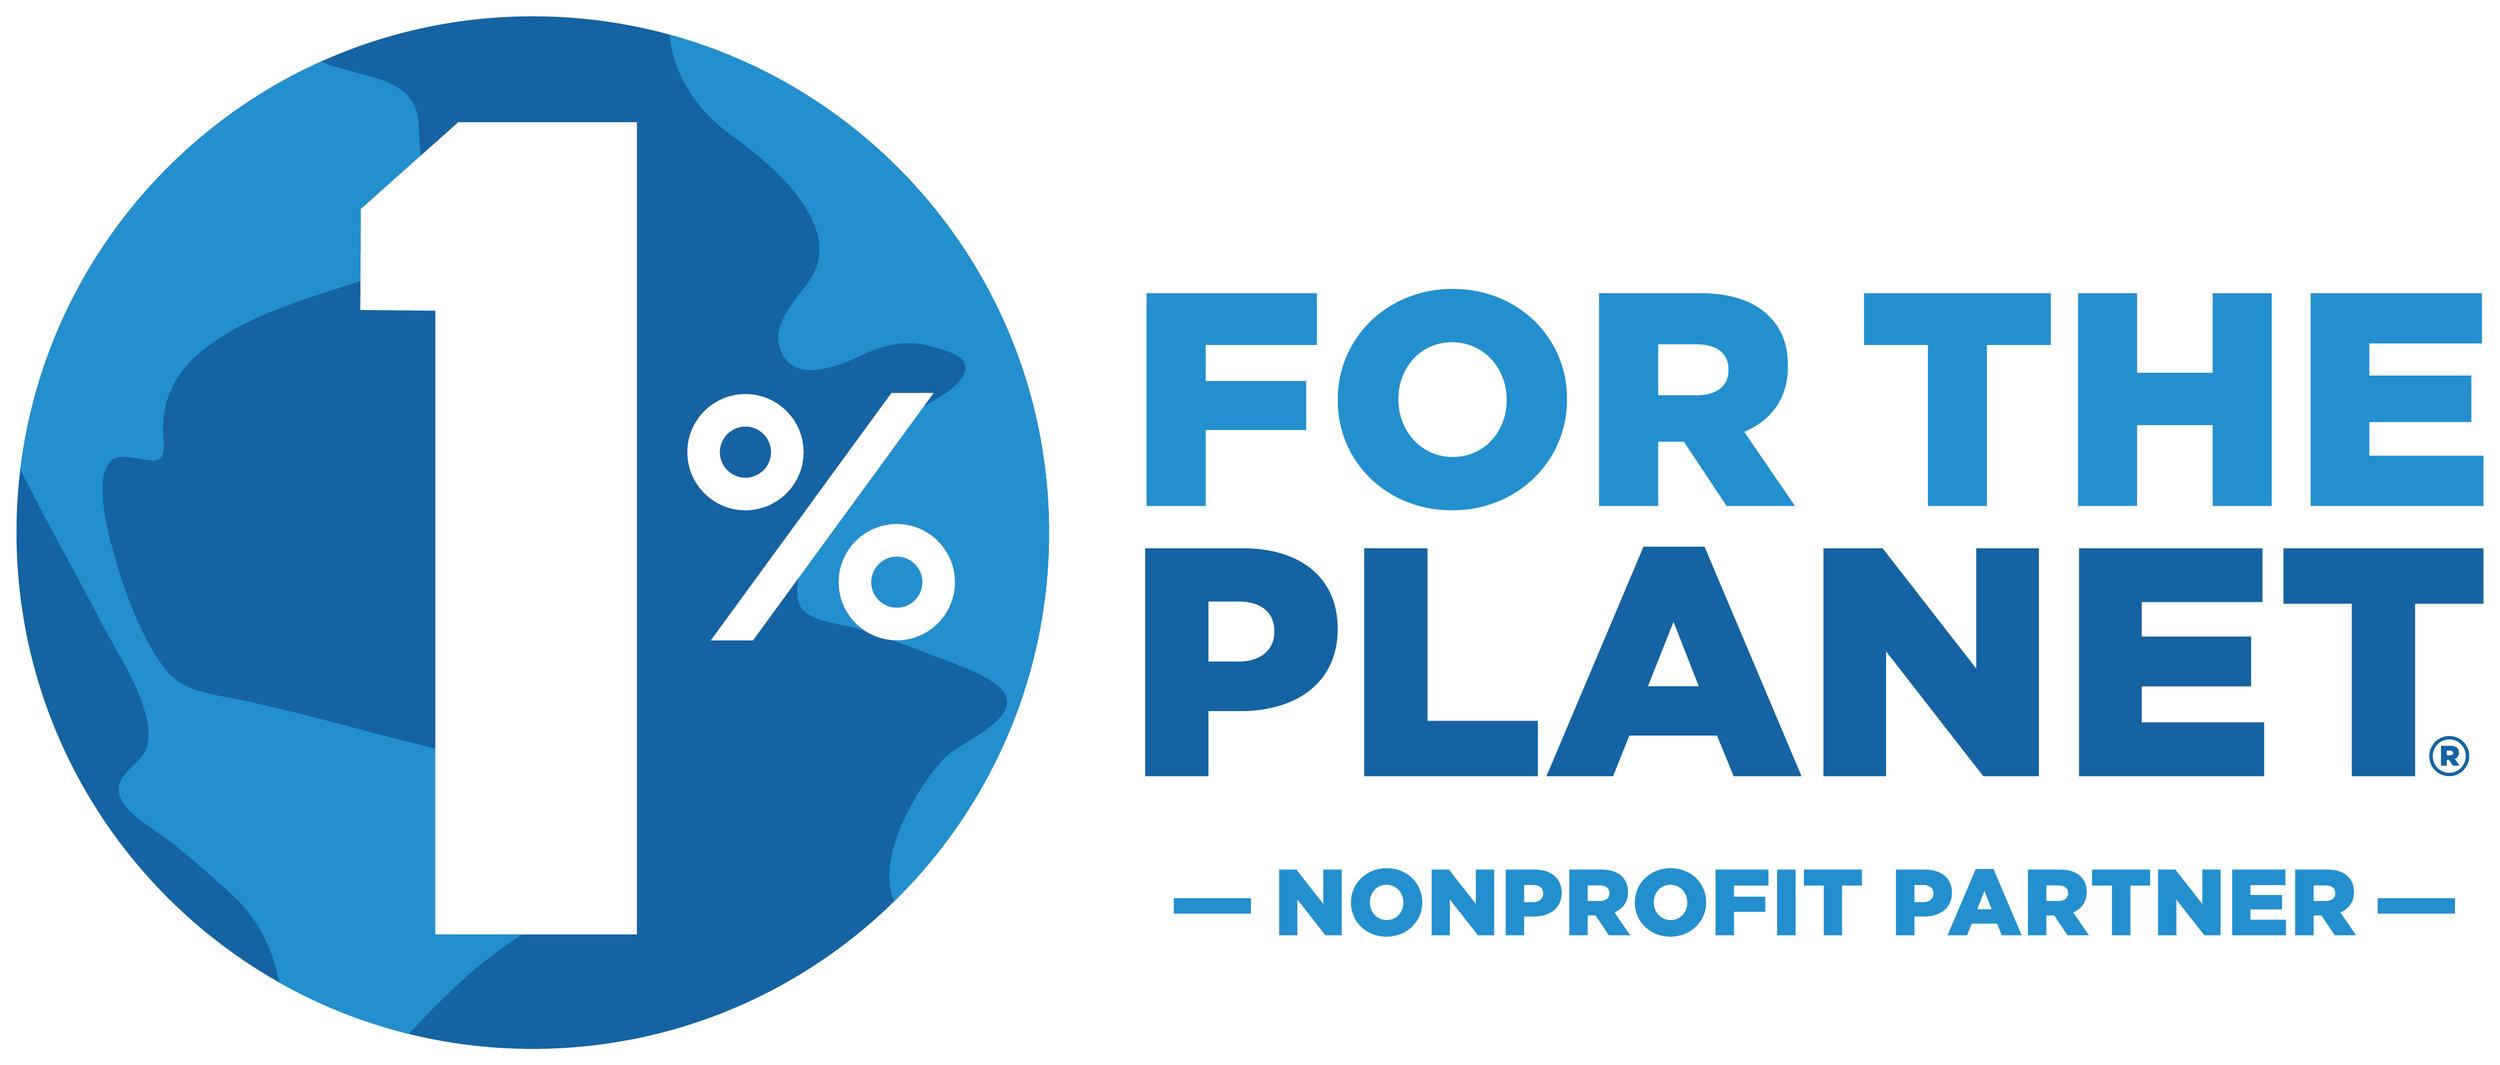 1ftp_NonprofitPartner_Horizontal_FullColor.jpg